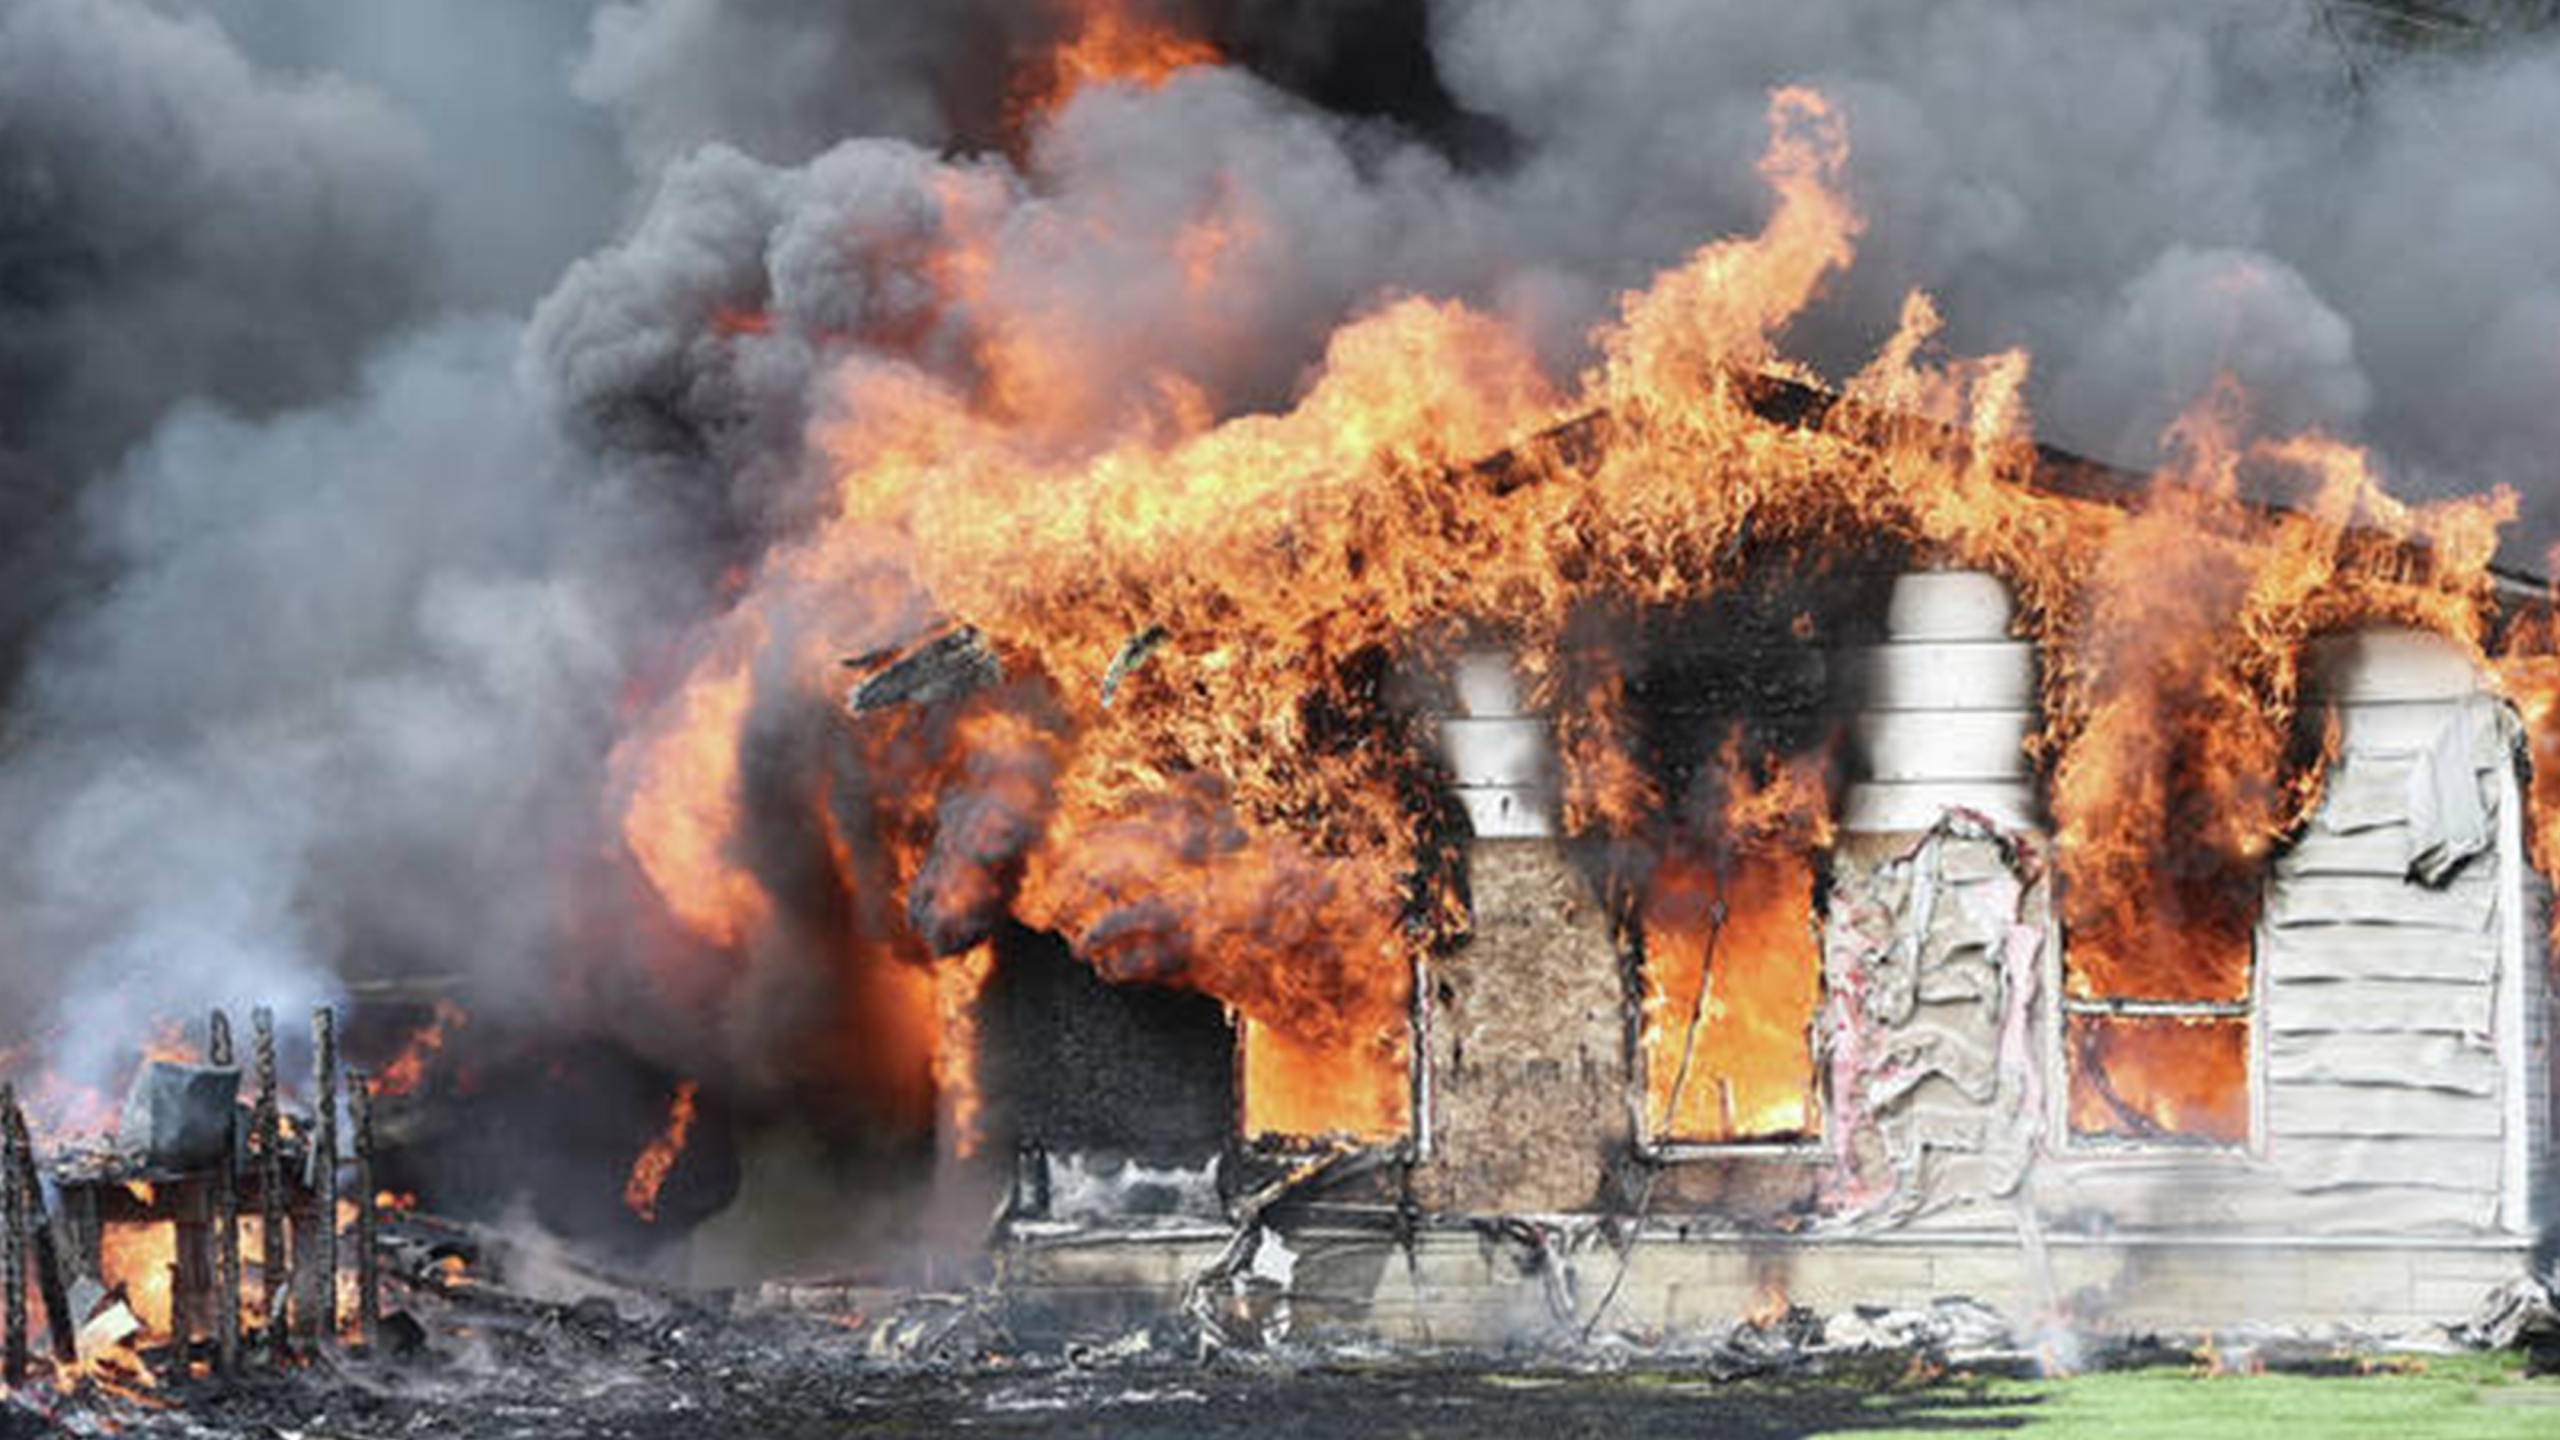 Anna house fire 4-27